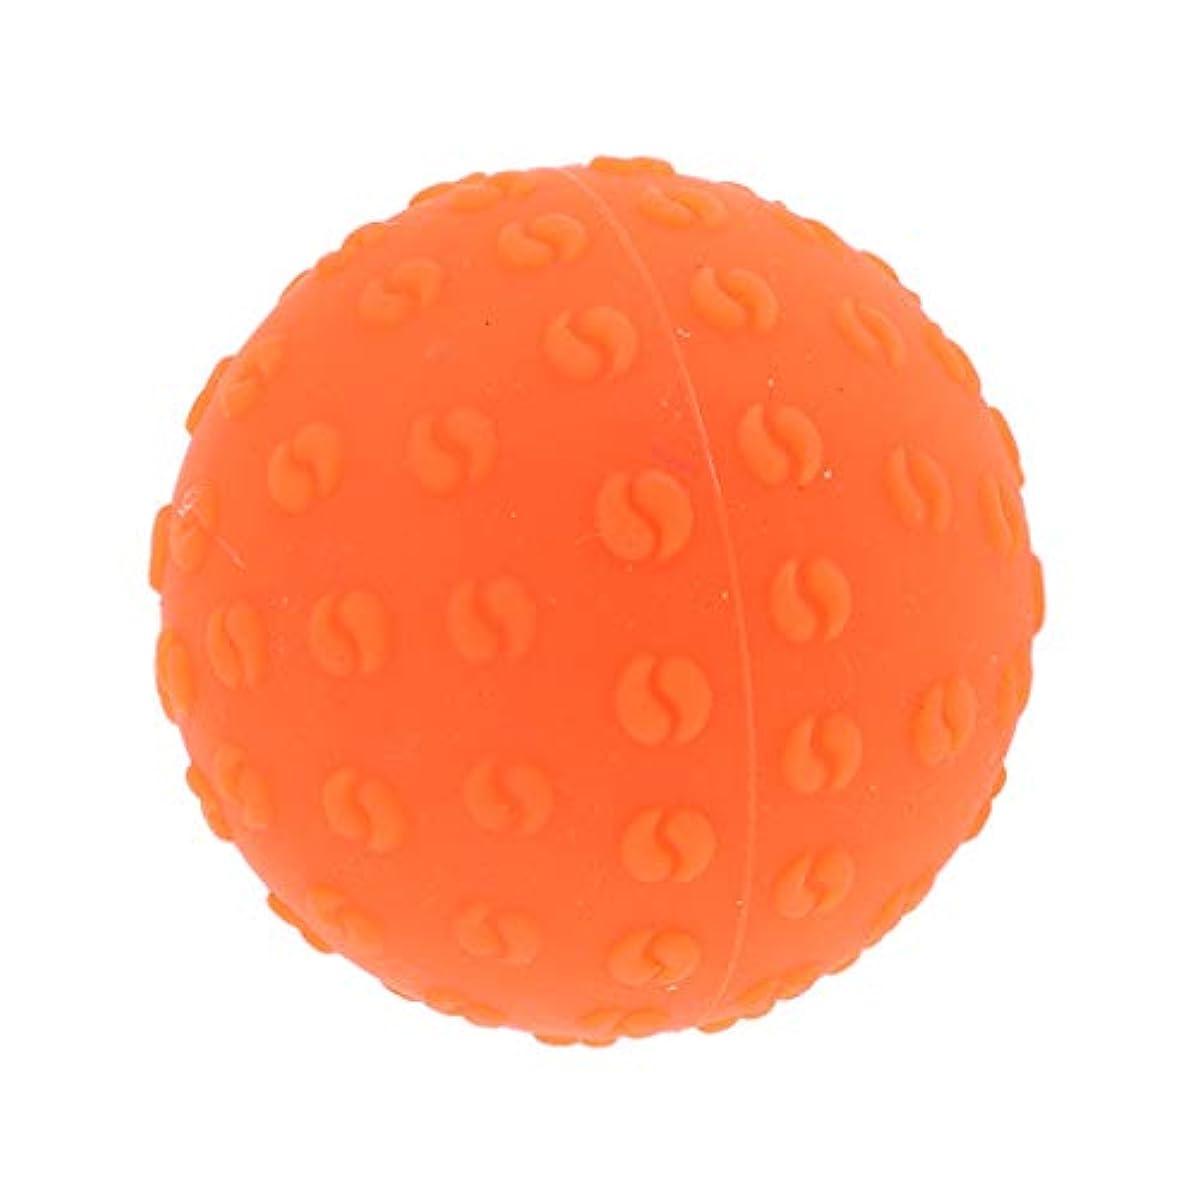 寛容な有益やけどFenteer マッサージボール 指圧ボール シリコーン トリガーポイント 足底筋膜炎 ヨガ ツボ押しグッズ 全6色 - オレンジ, 説明のとおり